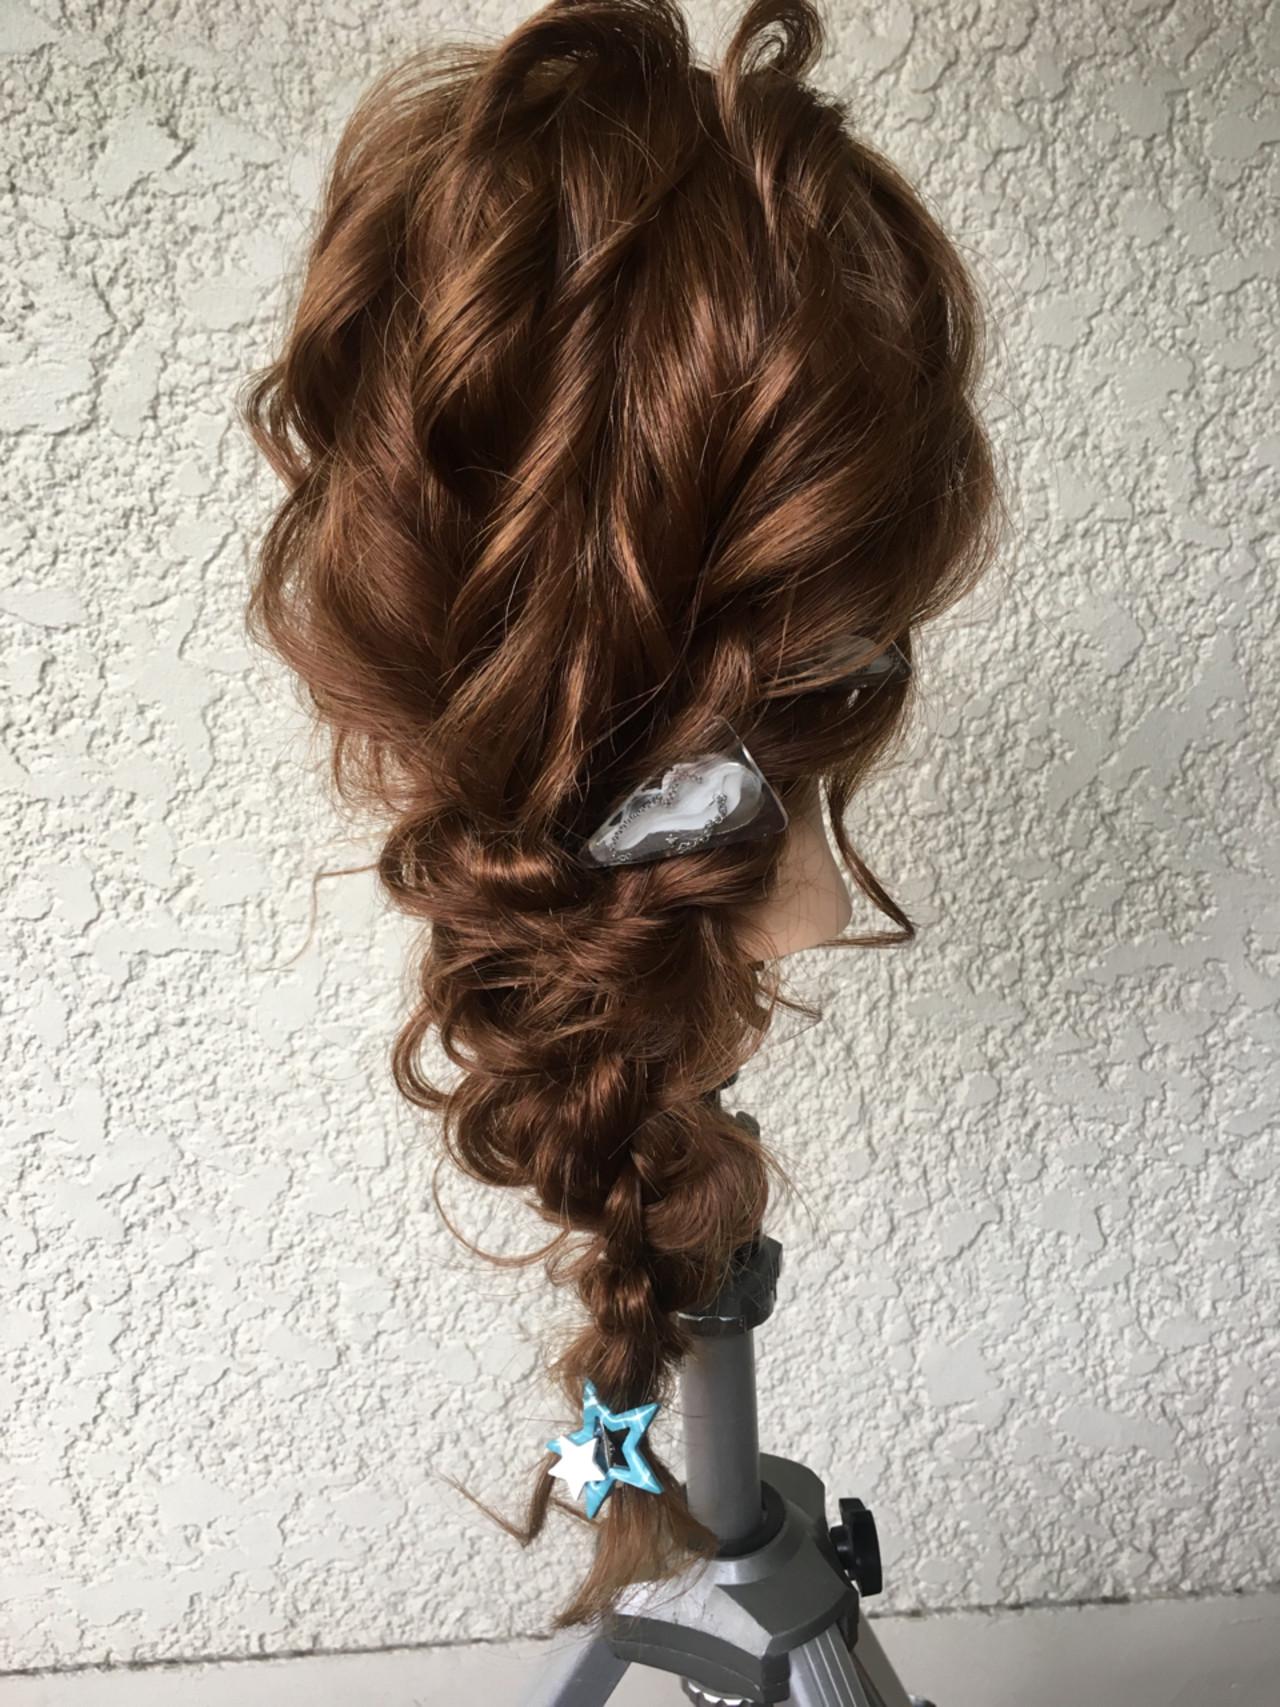 ナチュラル ヘアアレンジ 結婚式 ロング ヘアスタイルや髪型の写真・画像